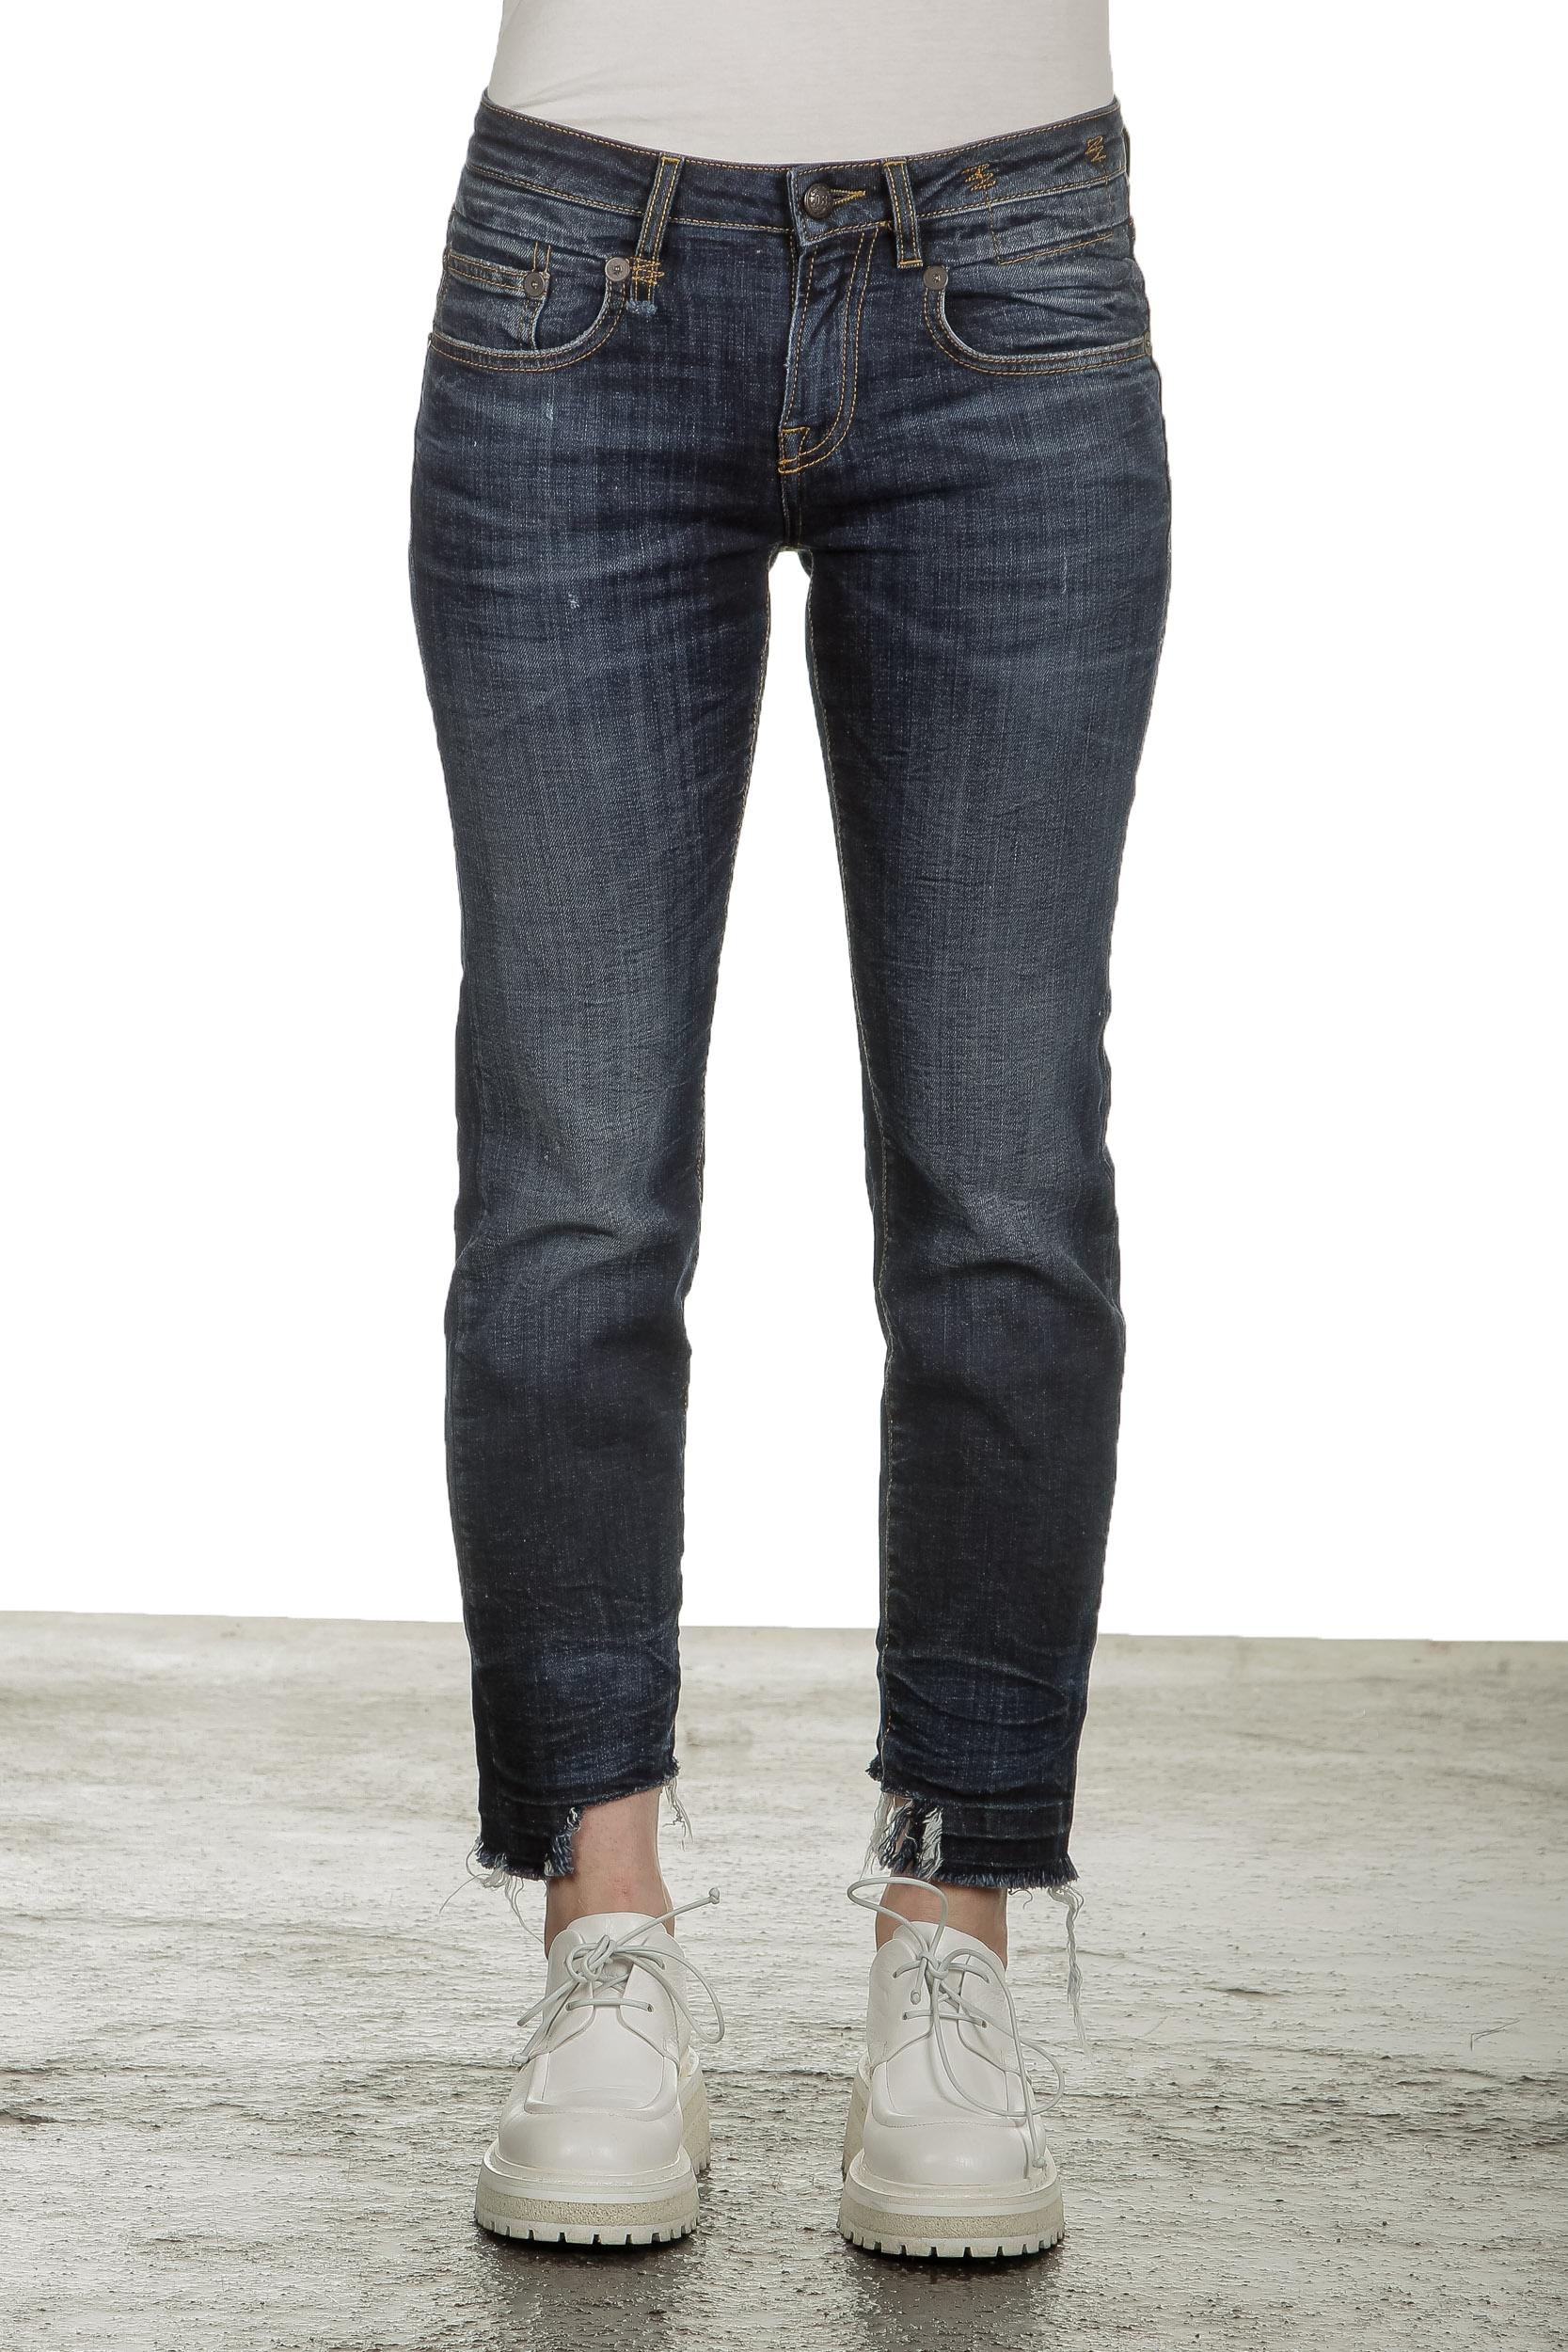 Hosen - R13 Damen Jeans im Distressed Look indigo  - Onlineshop Luxury Loft